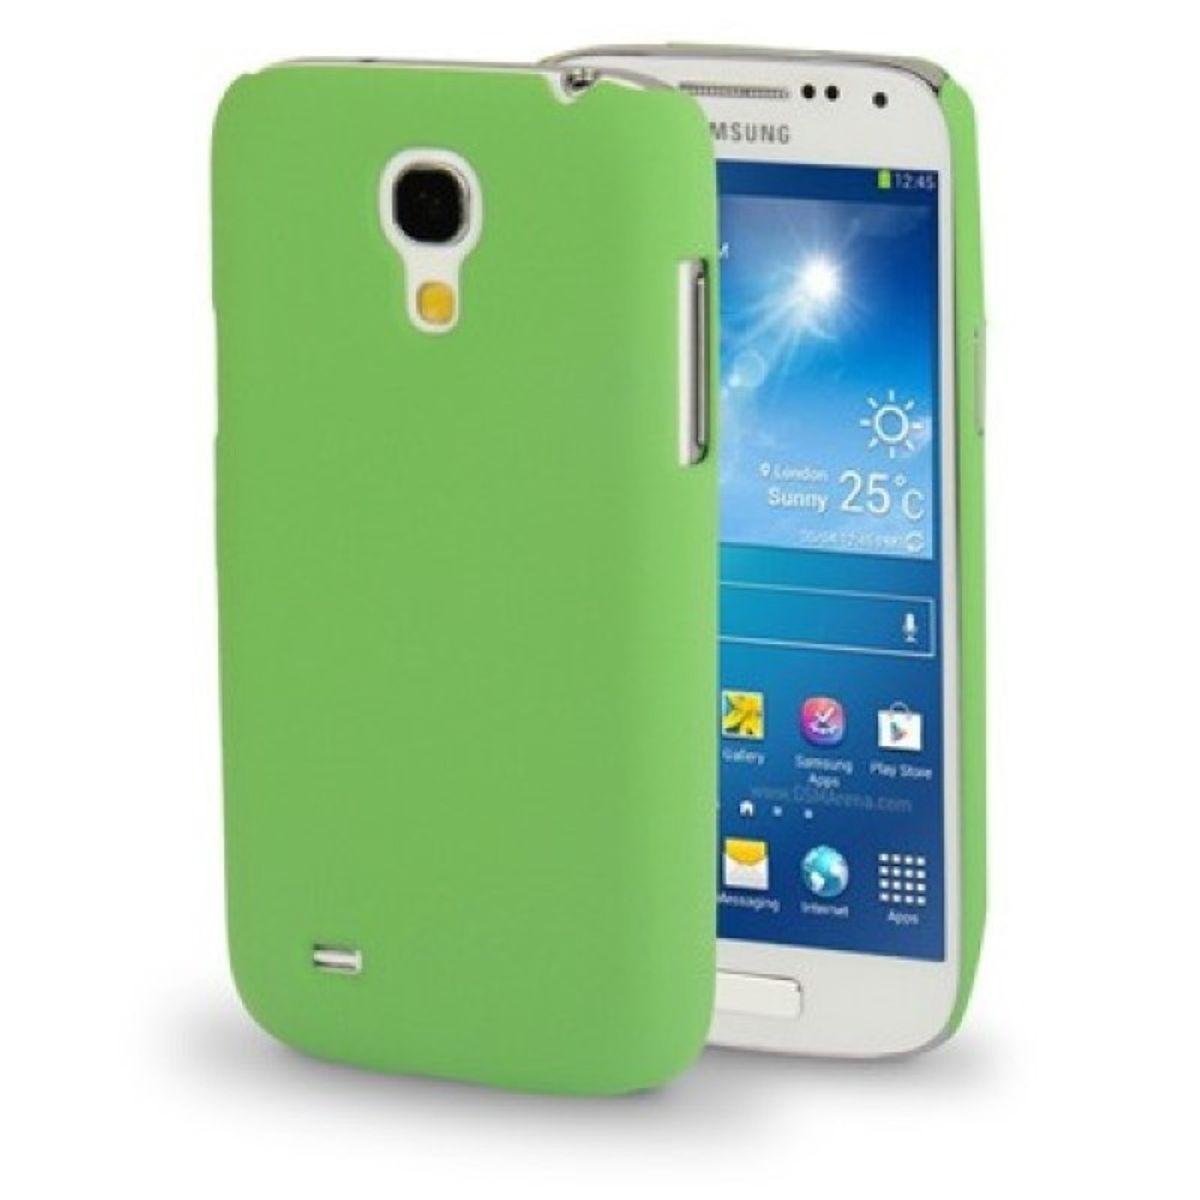 Schutzhülle Hard Case für Handy Samsung Galaxy S4 mini i9190 Grün